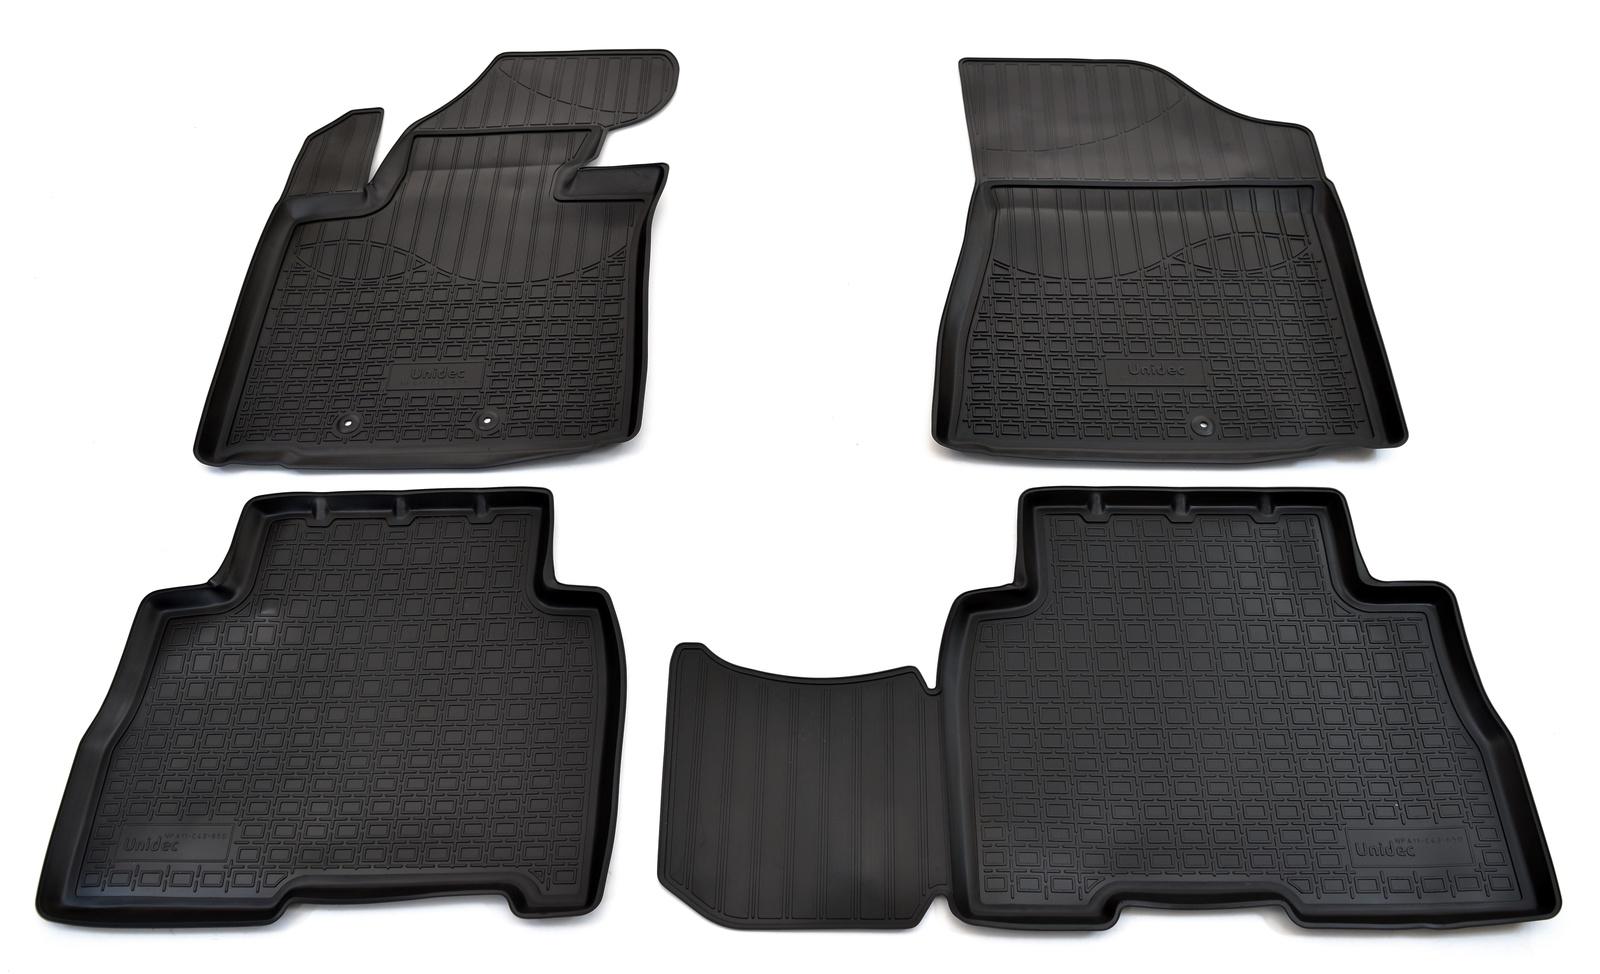 цена на Коврики в салон автомобиля Norplast для Kia Sorento (XM FL) (2012), NPA11-C43-650, черный